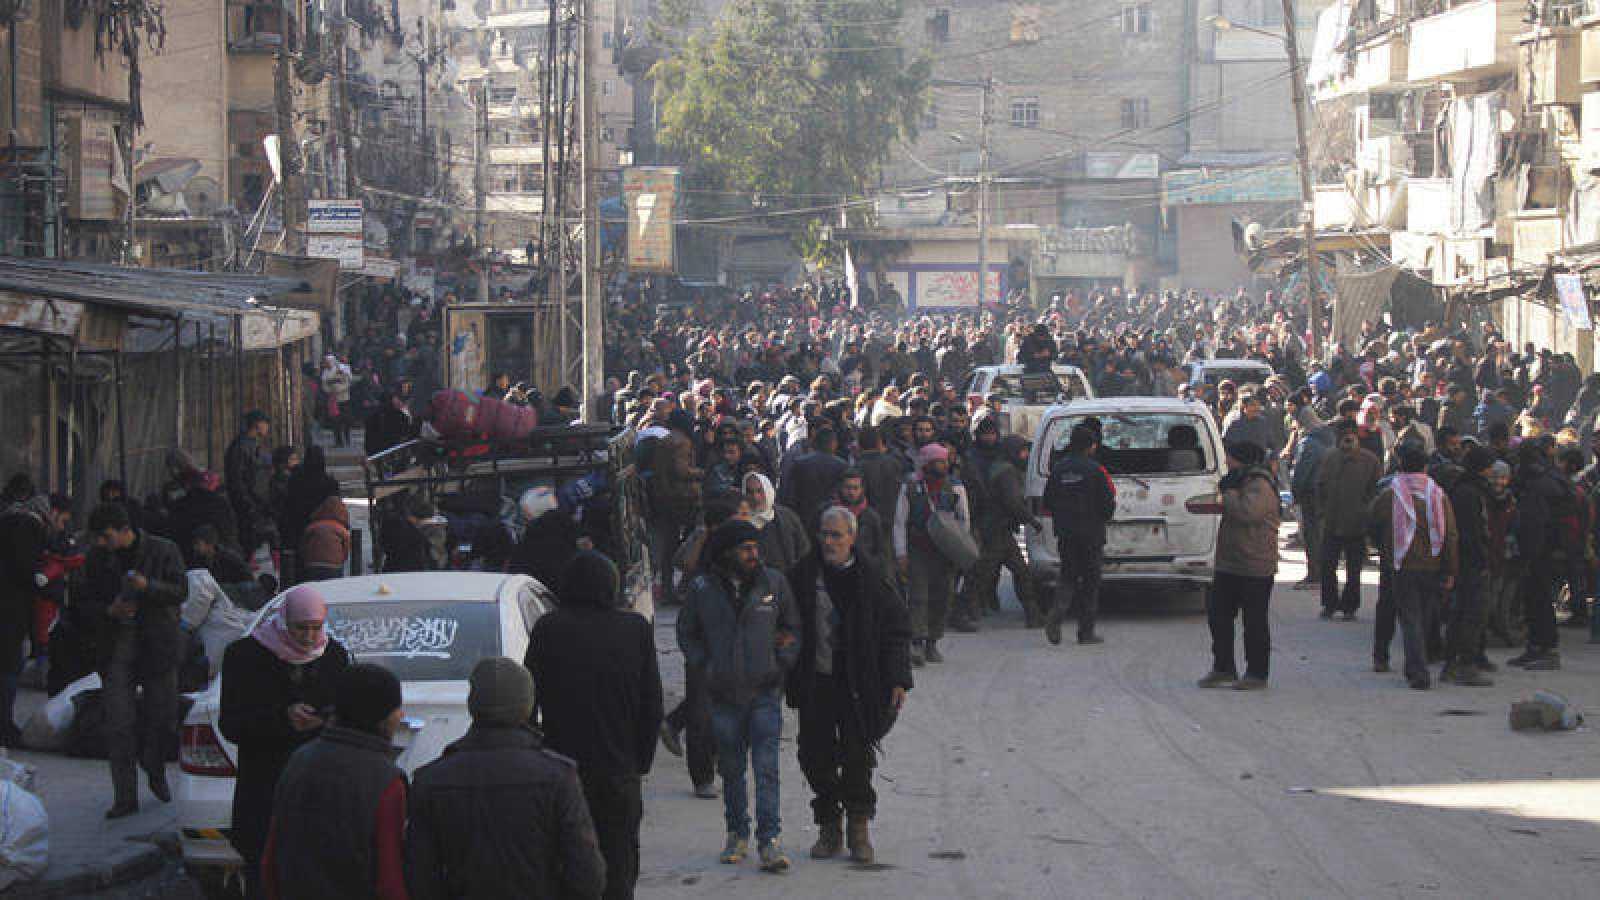 Acuerdo entre las partes para reanudar la evacuación de Alepo - RTVE.es